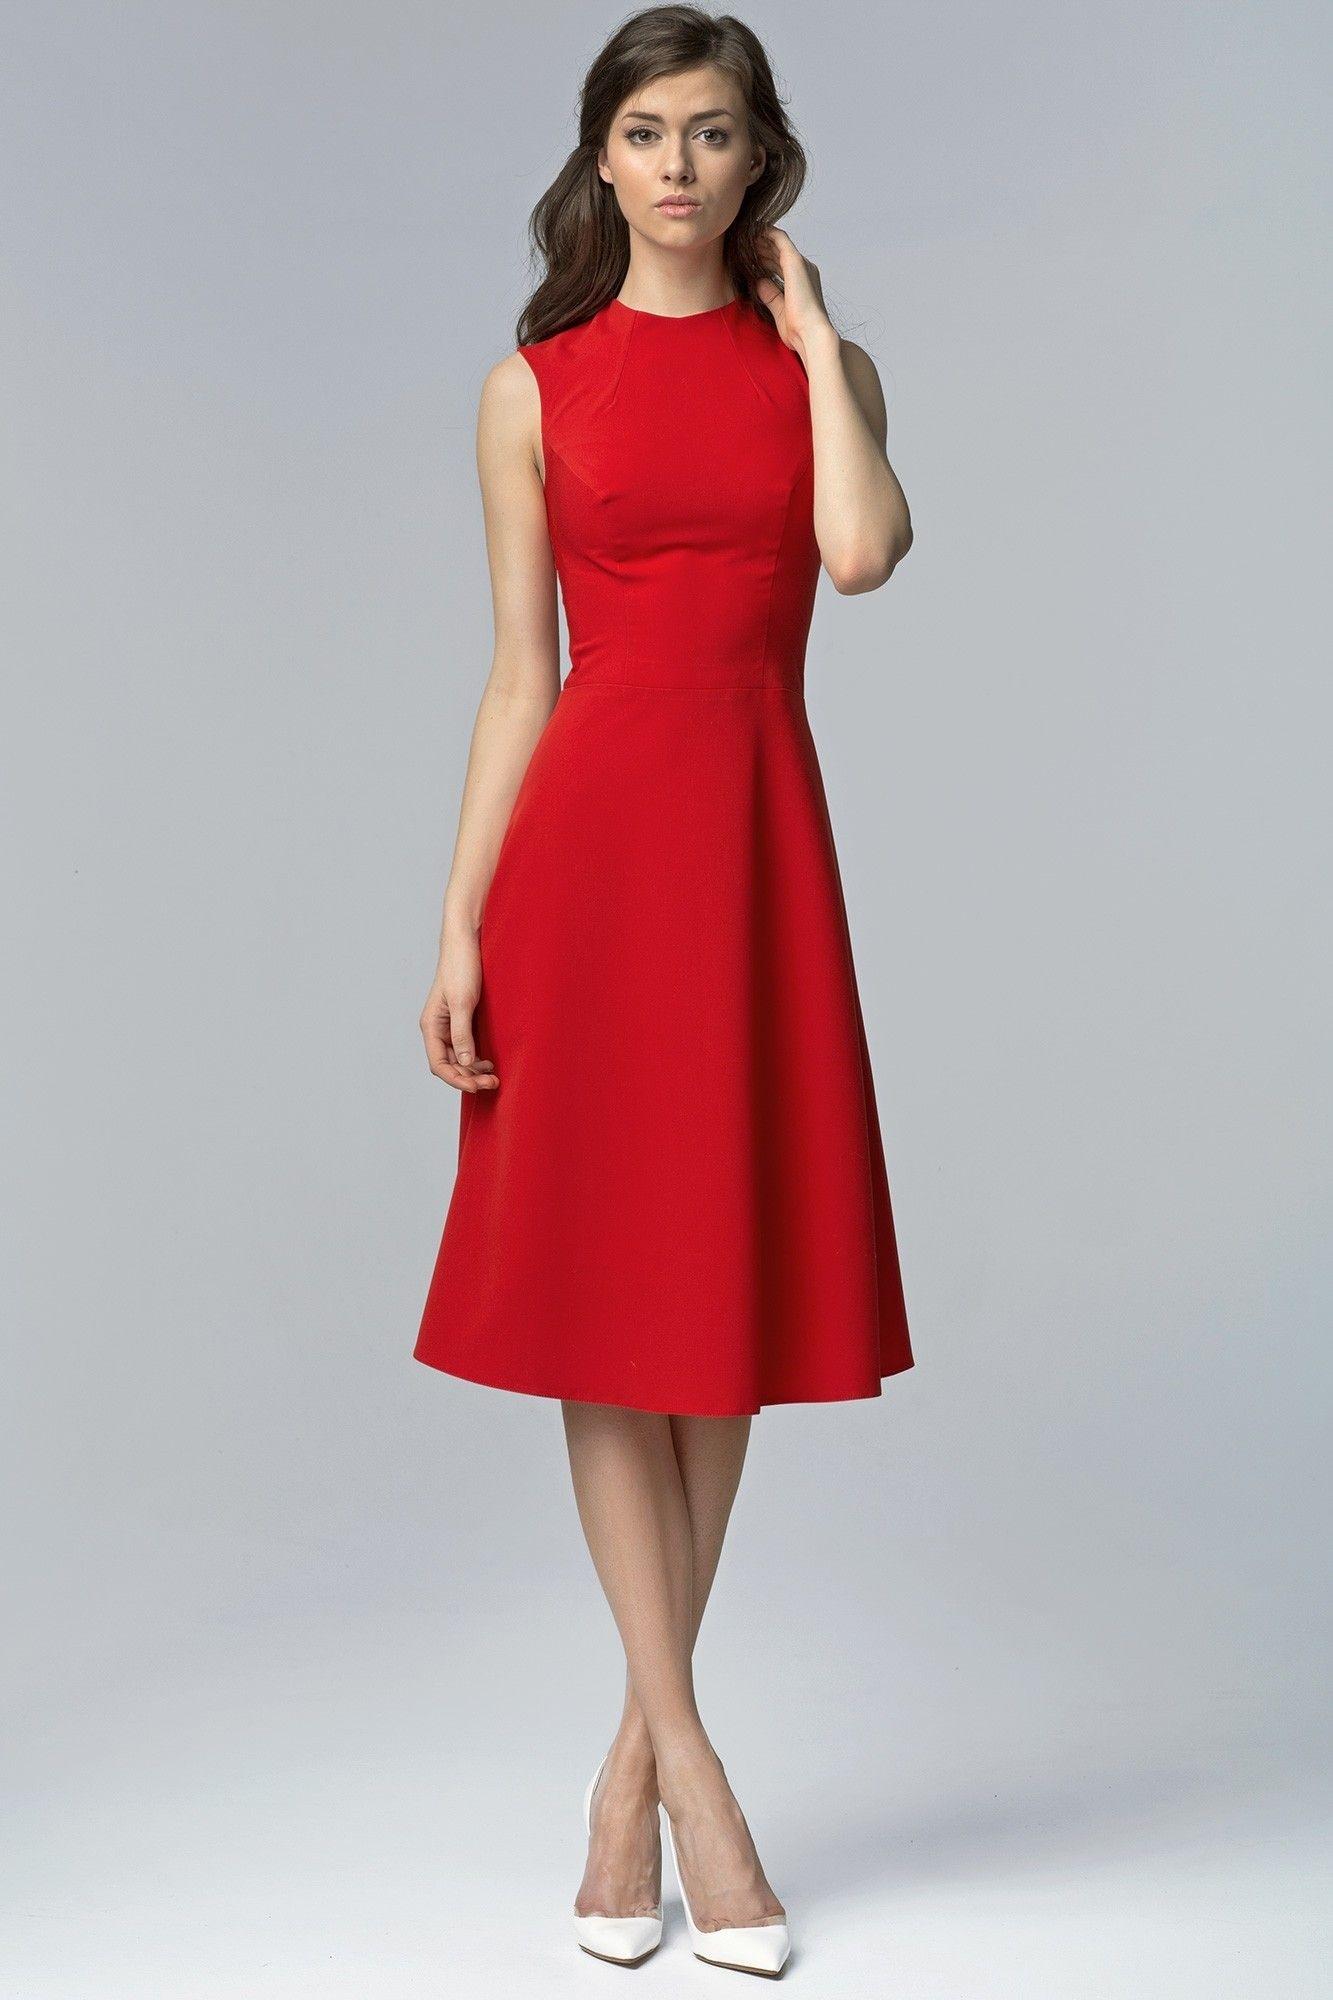 Formal Luxurius Kleid Für Hochzeit Rot Galerie13 Top Kleid Für Hochzeit Rot Stylish